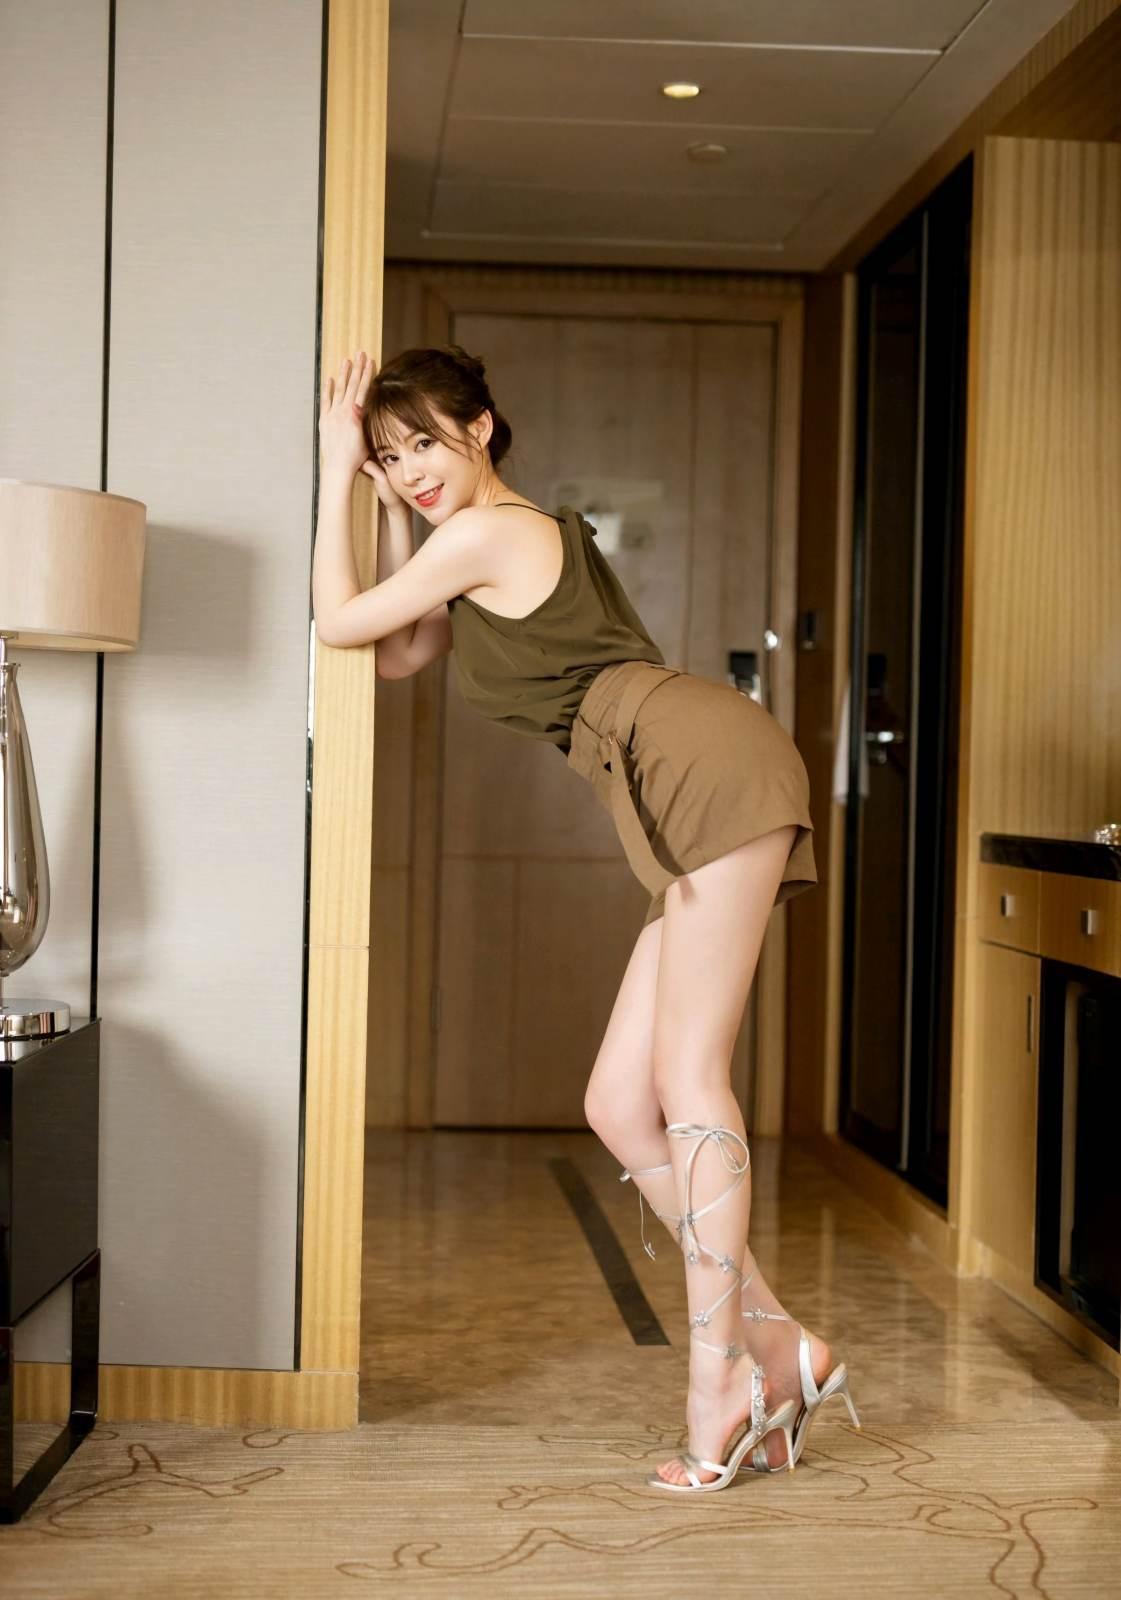 第358期天生尤物优优(仙女颜值,高跟,内衣秀,大长腿)_图片2